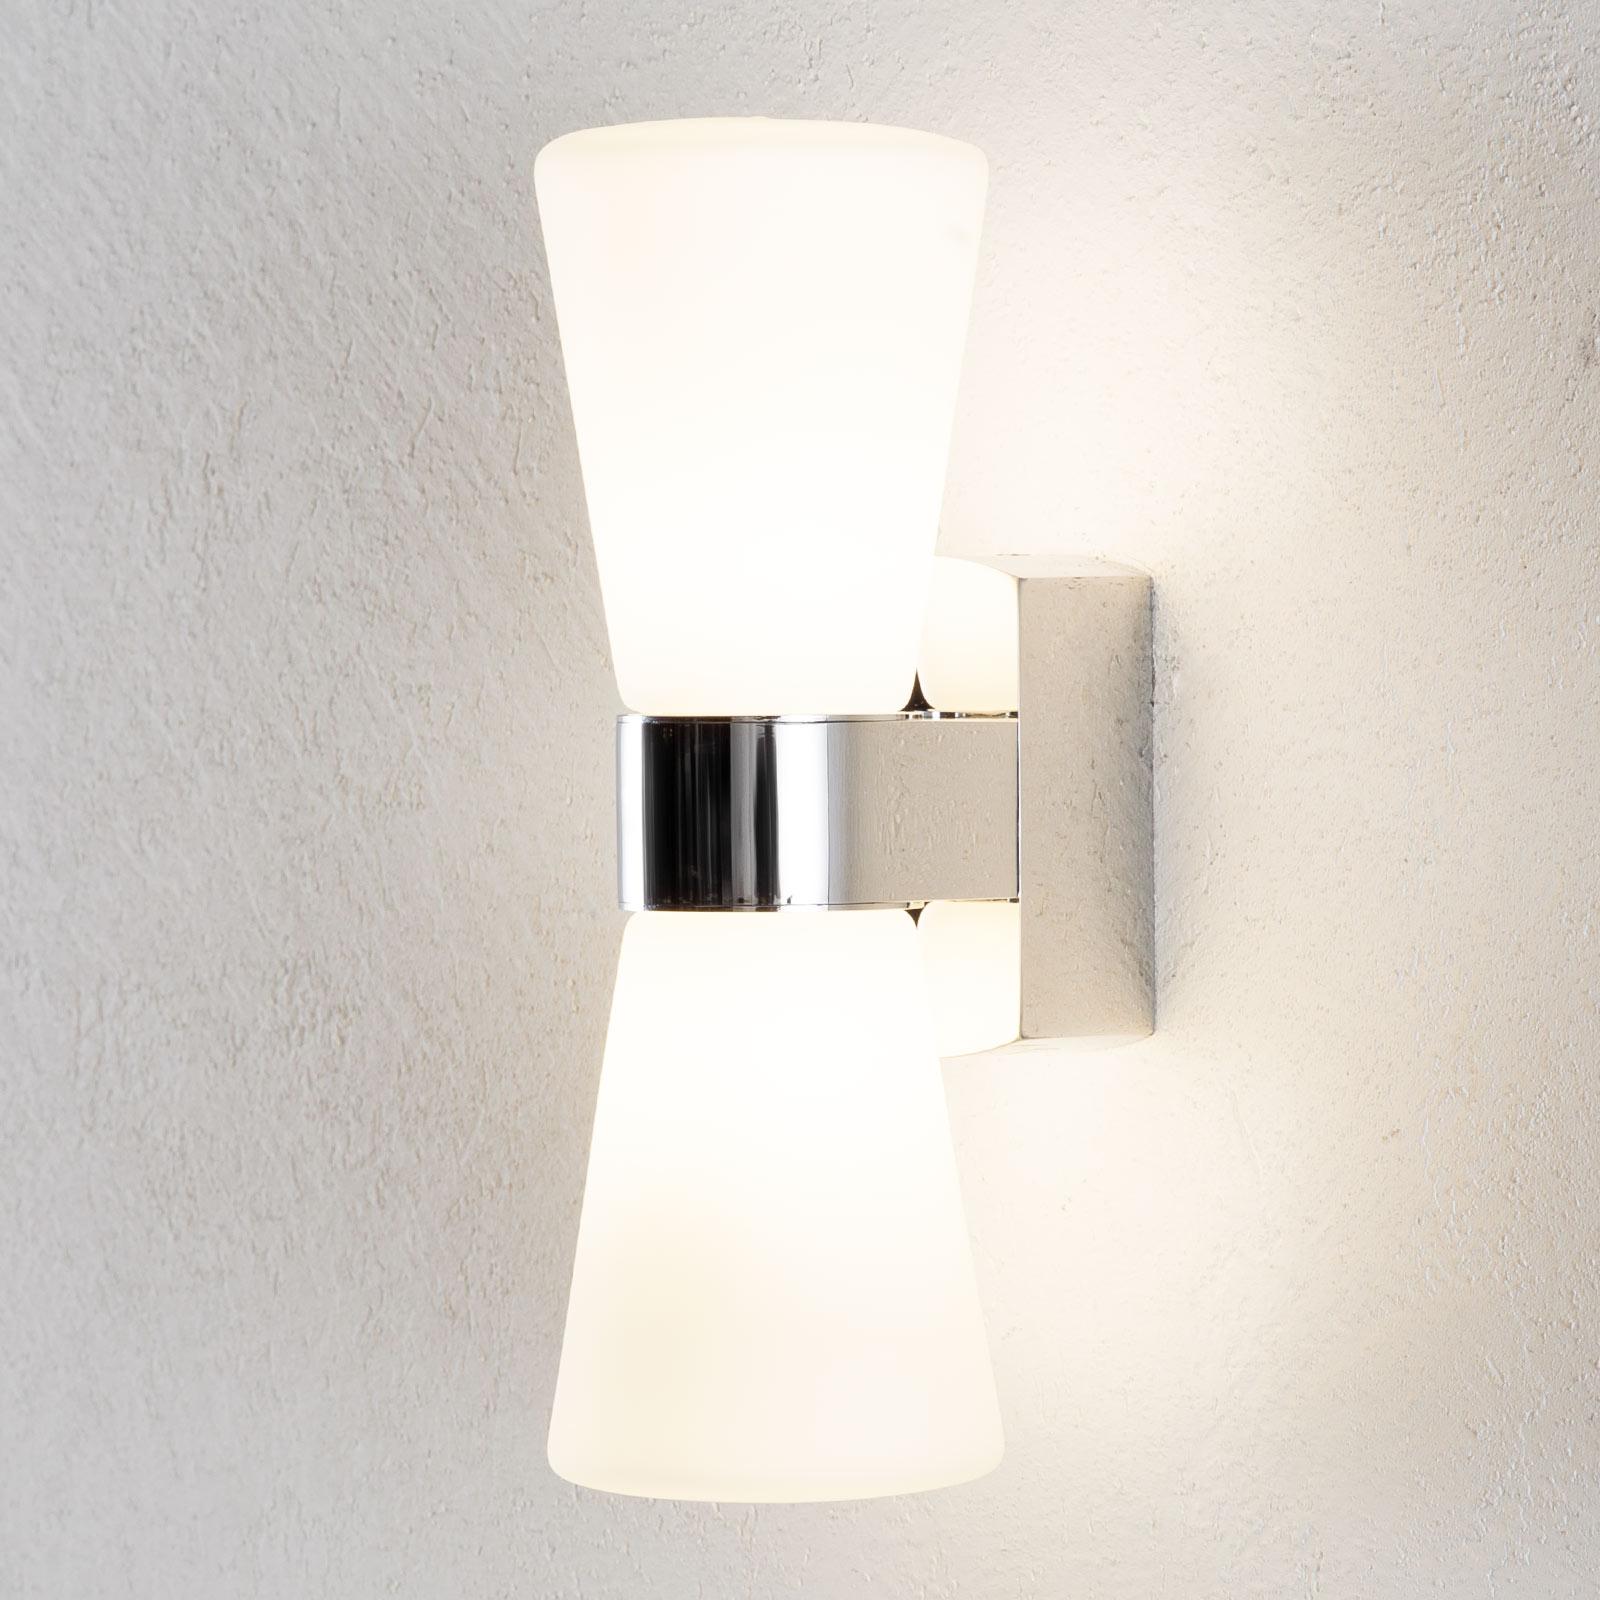 LED-Wandleuchte Cailin 2-flammig